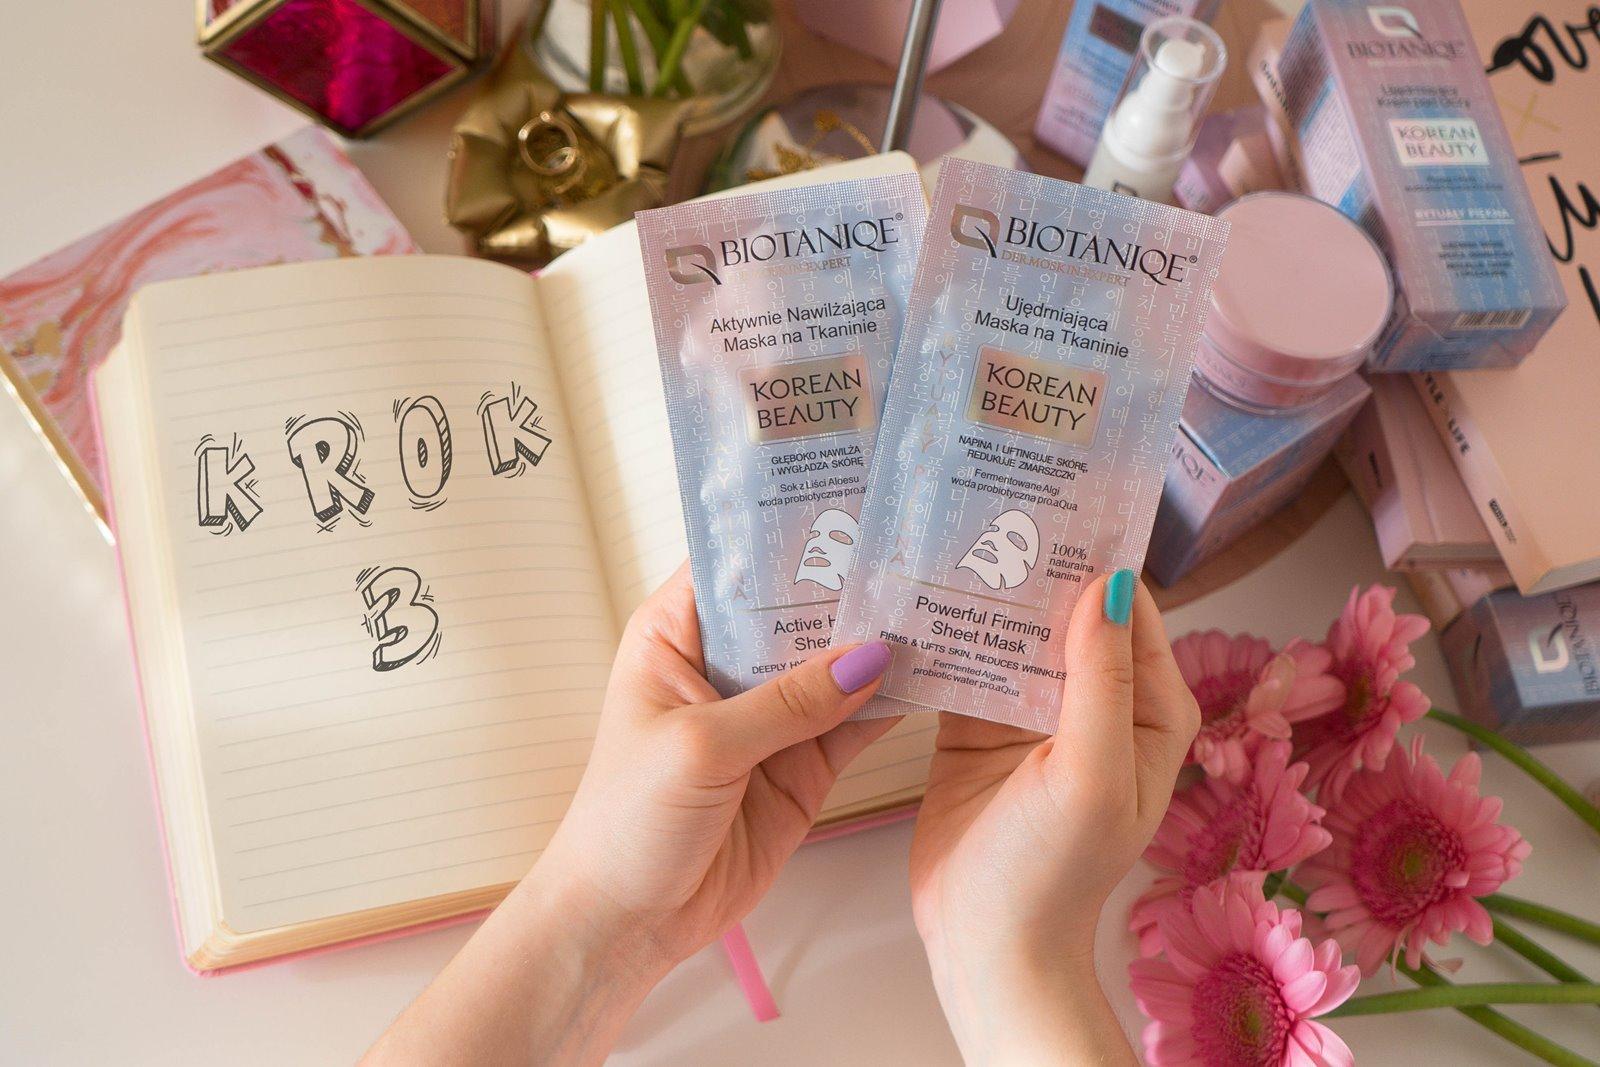 7 biotaniqe koreańska pielęgnacja krok po kroku w jakiej kolejności nakładać kosmetyki jak dbać o cerę koreańskie kosmetyki kremy serum maski korean beauty instagram melodylaniella łódzka blogerka lifestyle